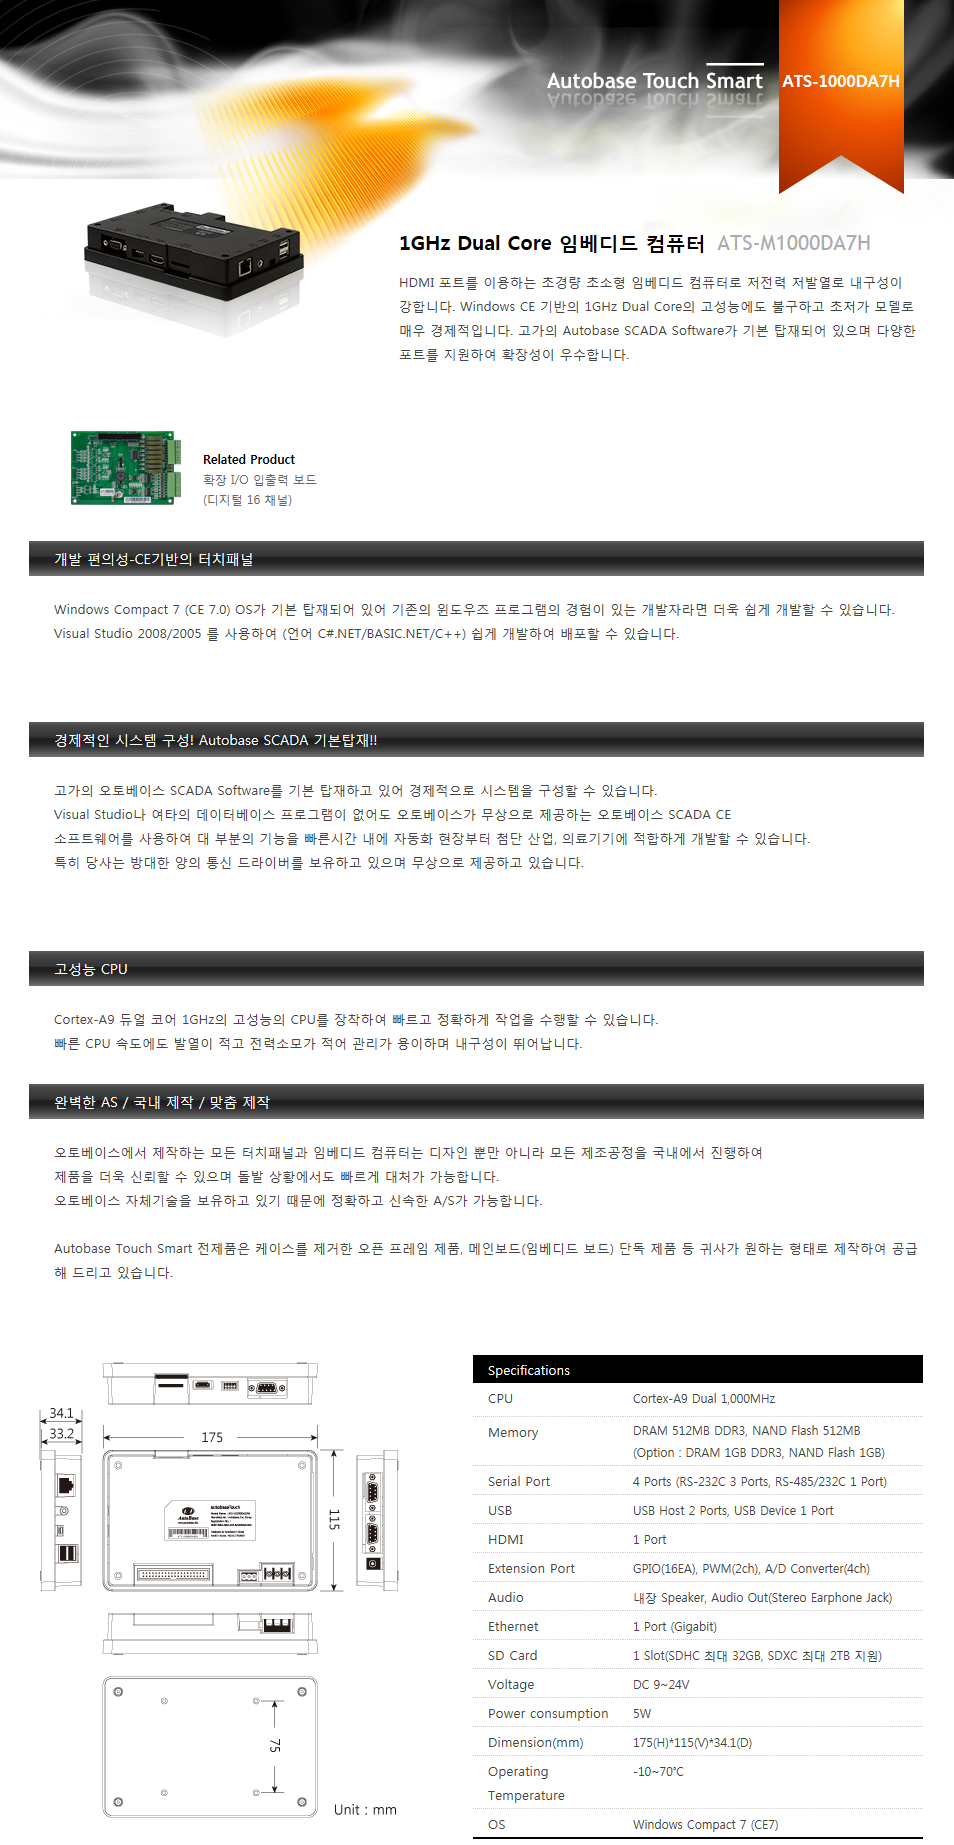 (주)오토베이스 1GHz Dual Core 임베디드 컴퓨터 ATS-M1000DA7H 1